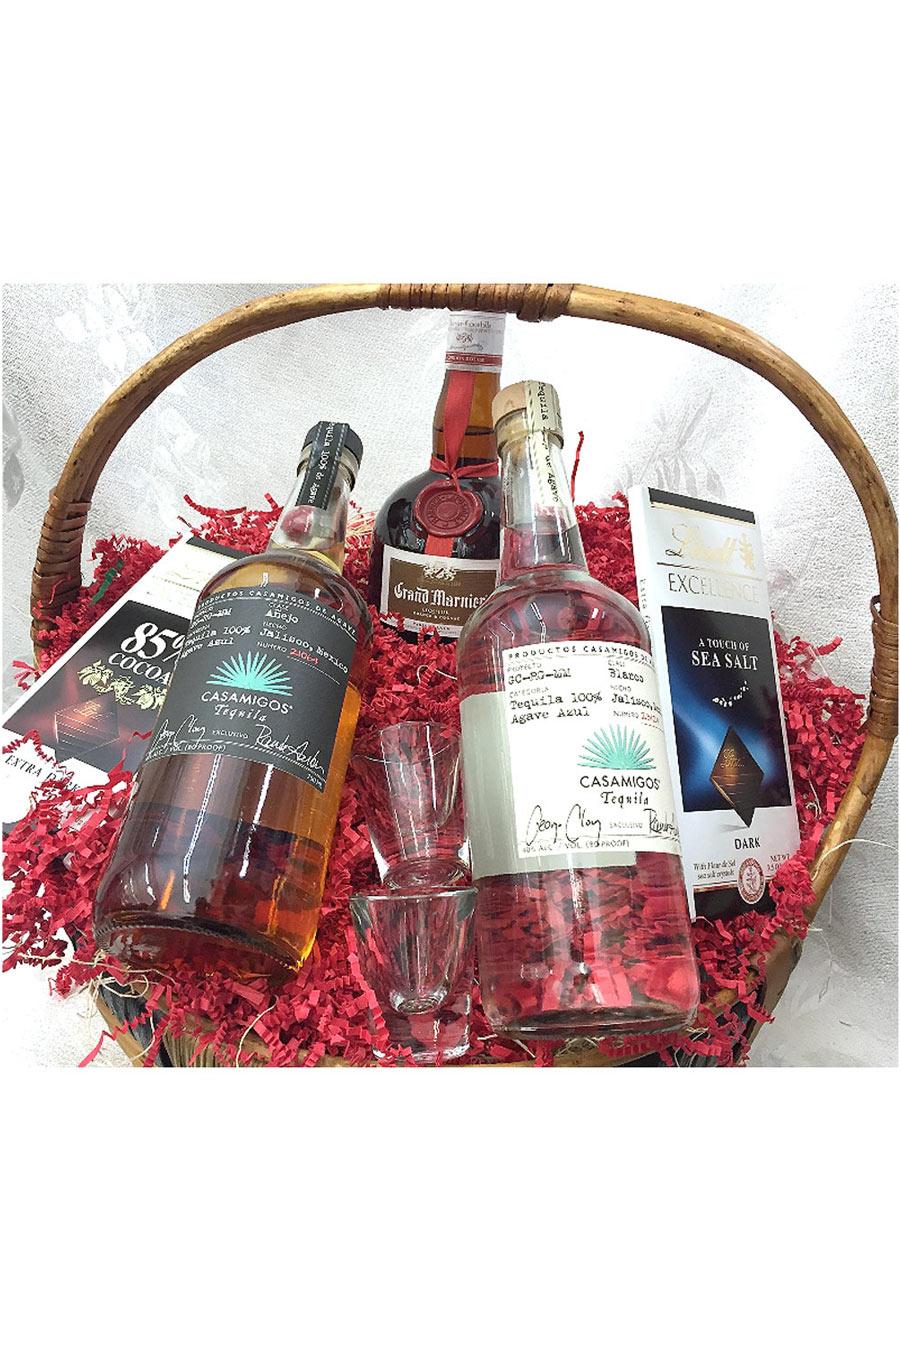 Casamigos Grand Marnier Gift Basket